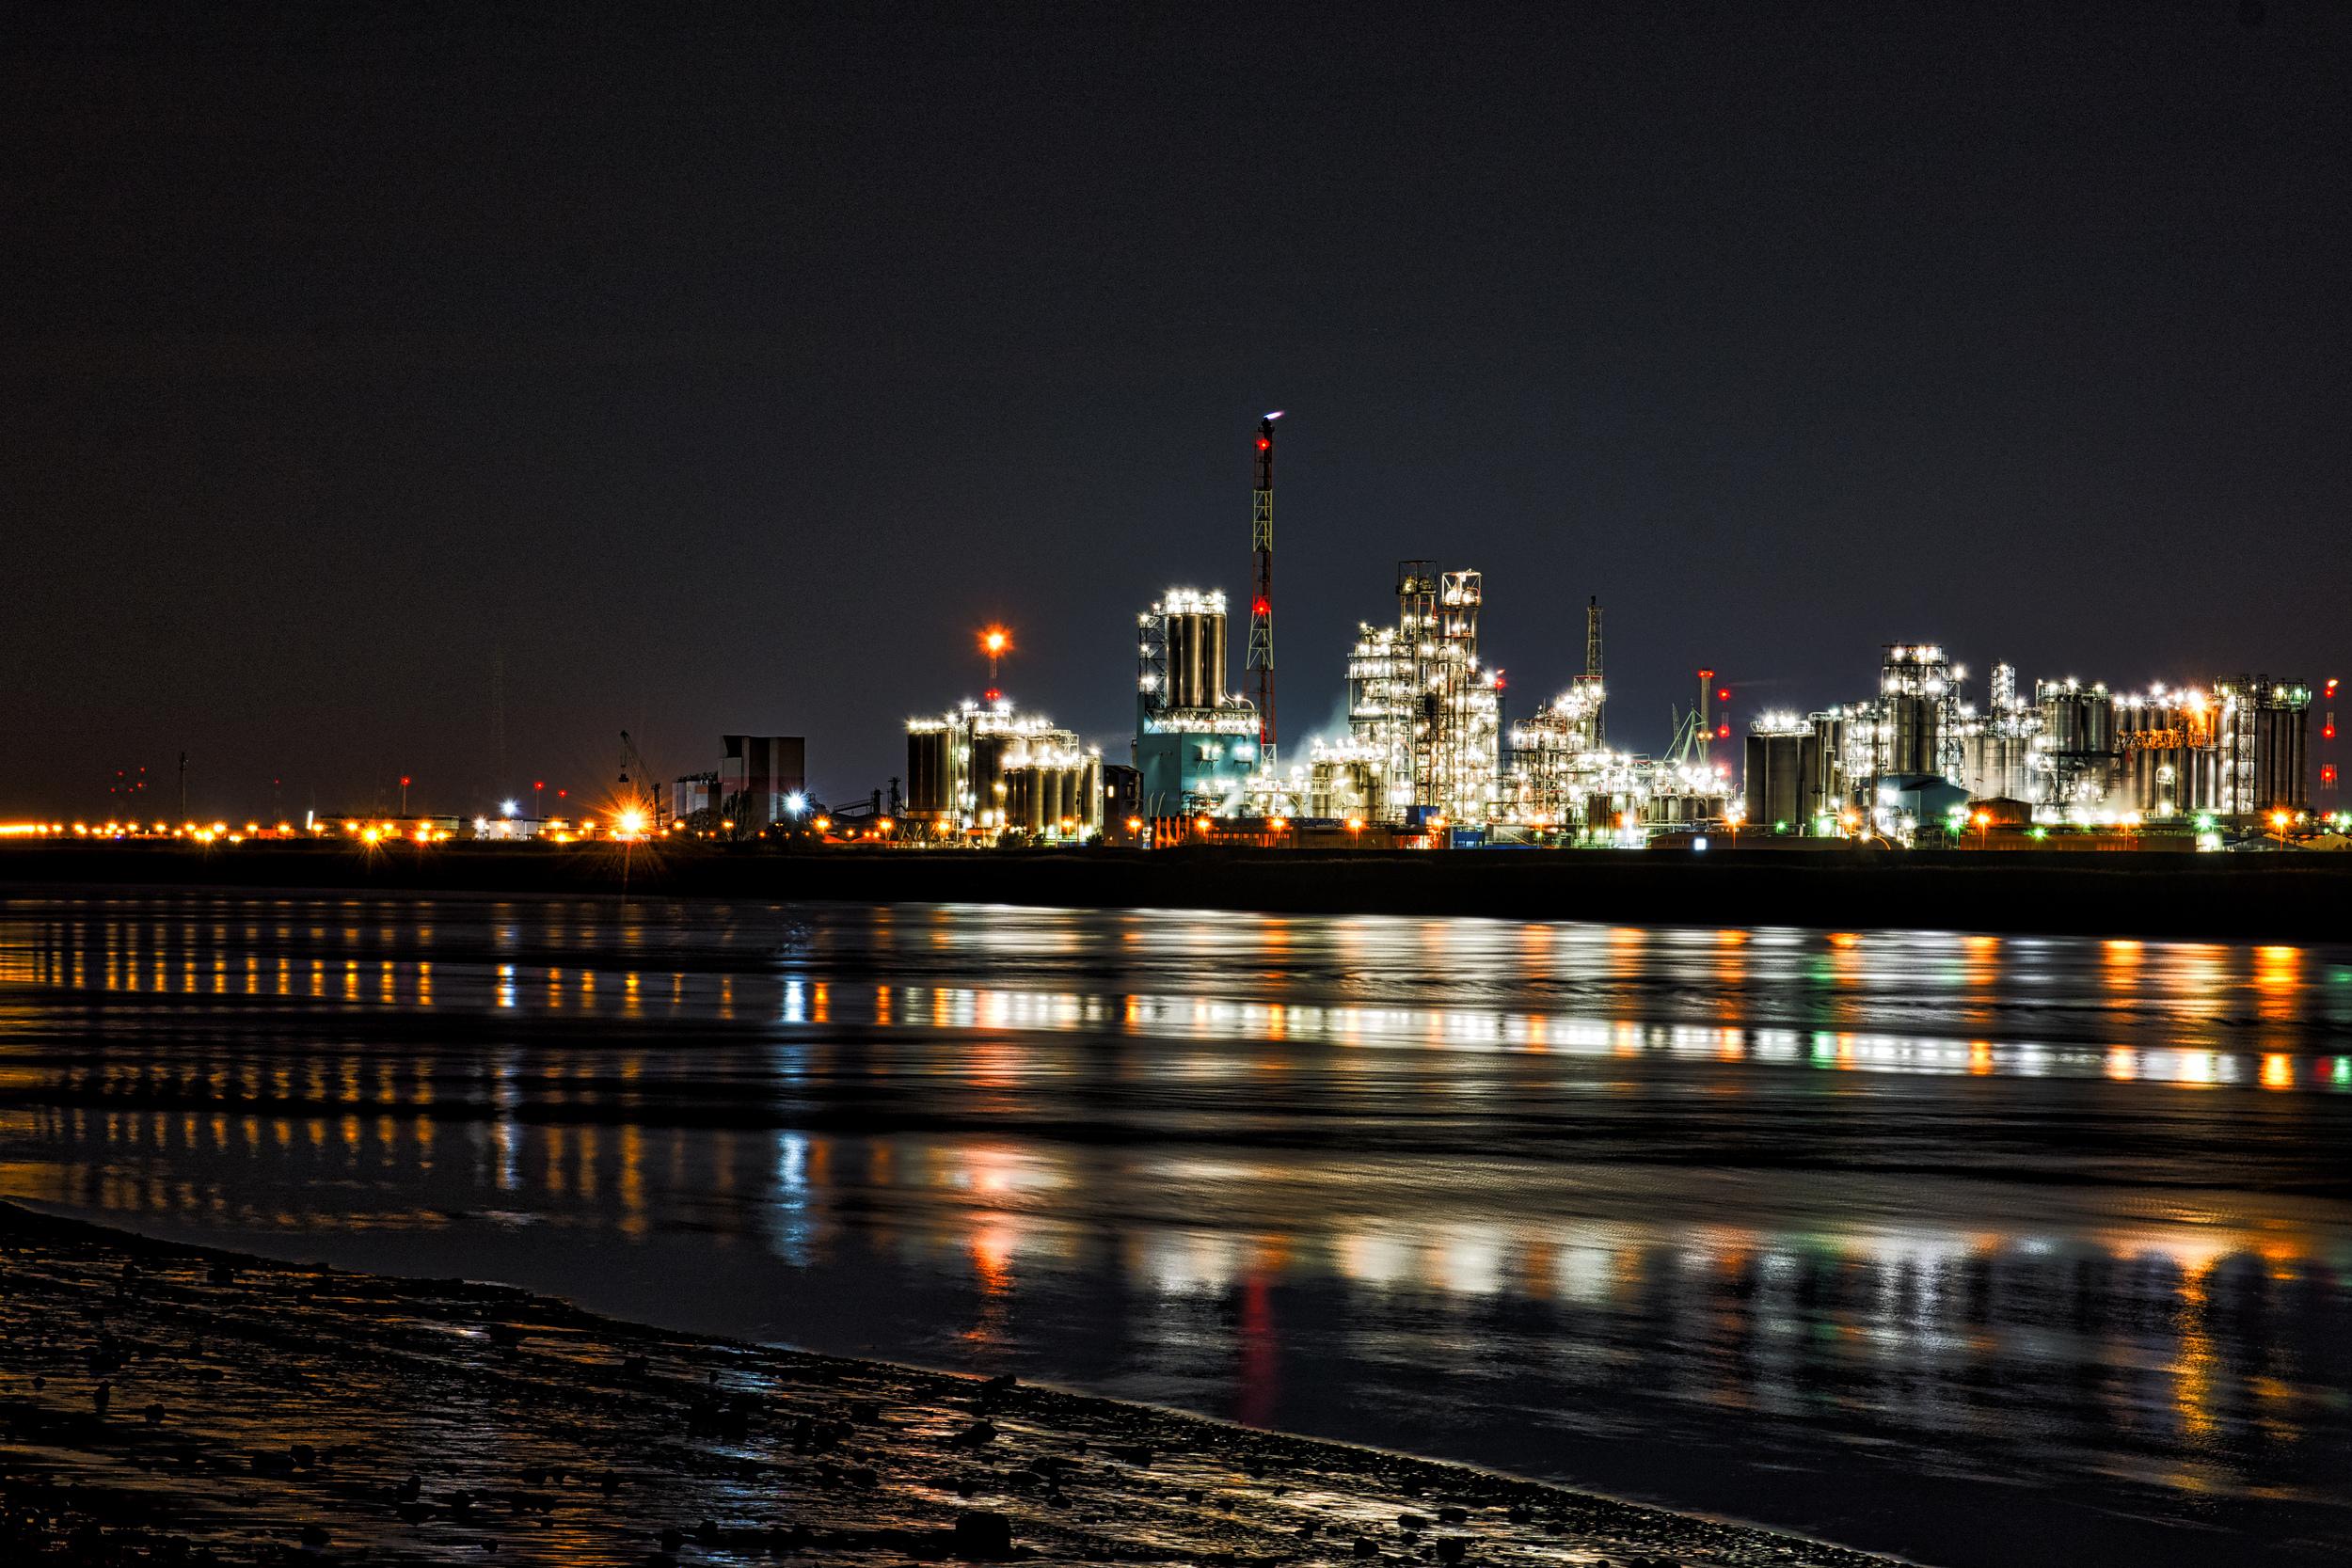 Dezelfde haven van Antwerpen met ISO 320 - 52mm - 11 sec - f8